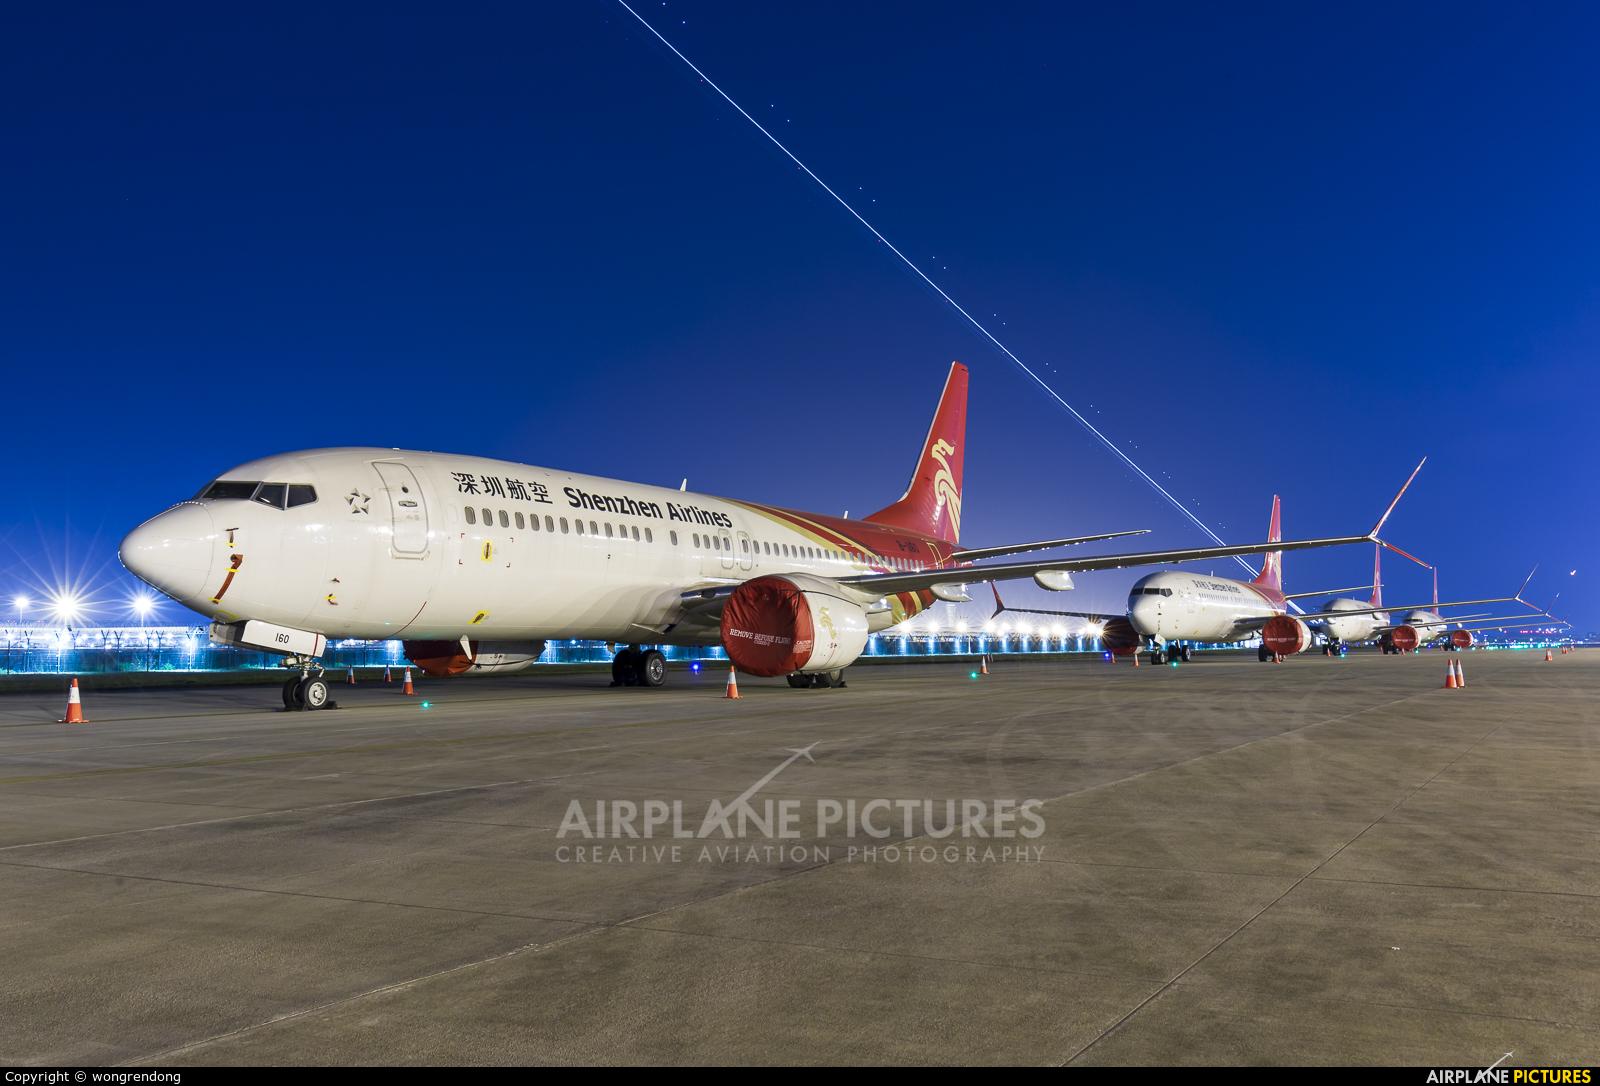 Shenzhen Airlines B-1160 aircraft at SHENZHEN BAO'AN  int'l airport